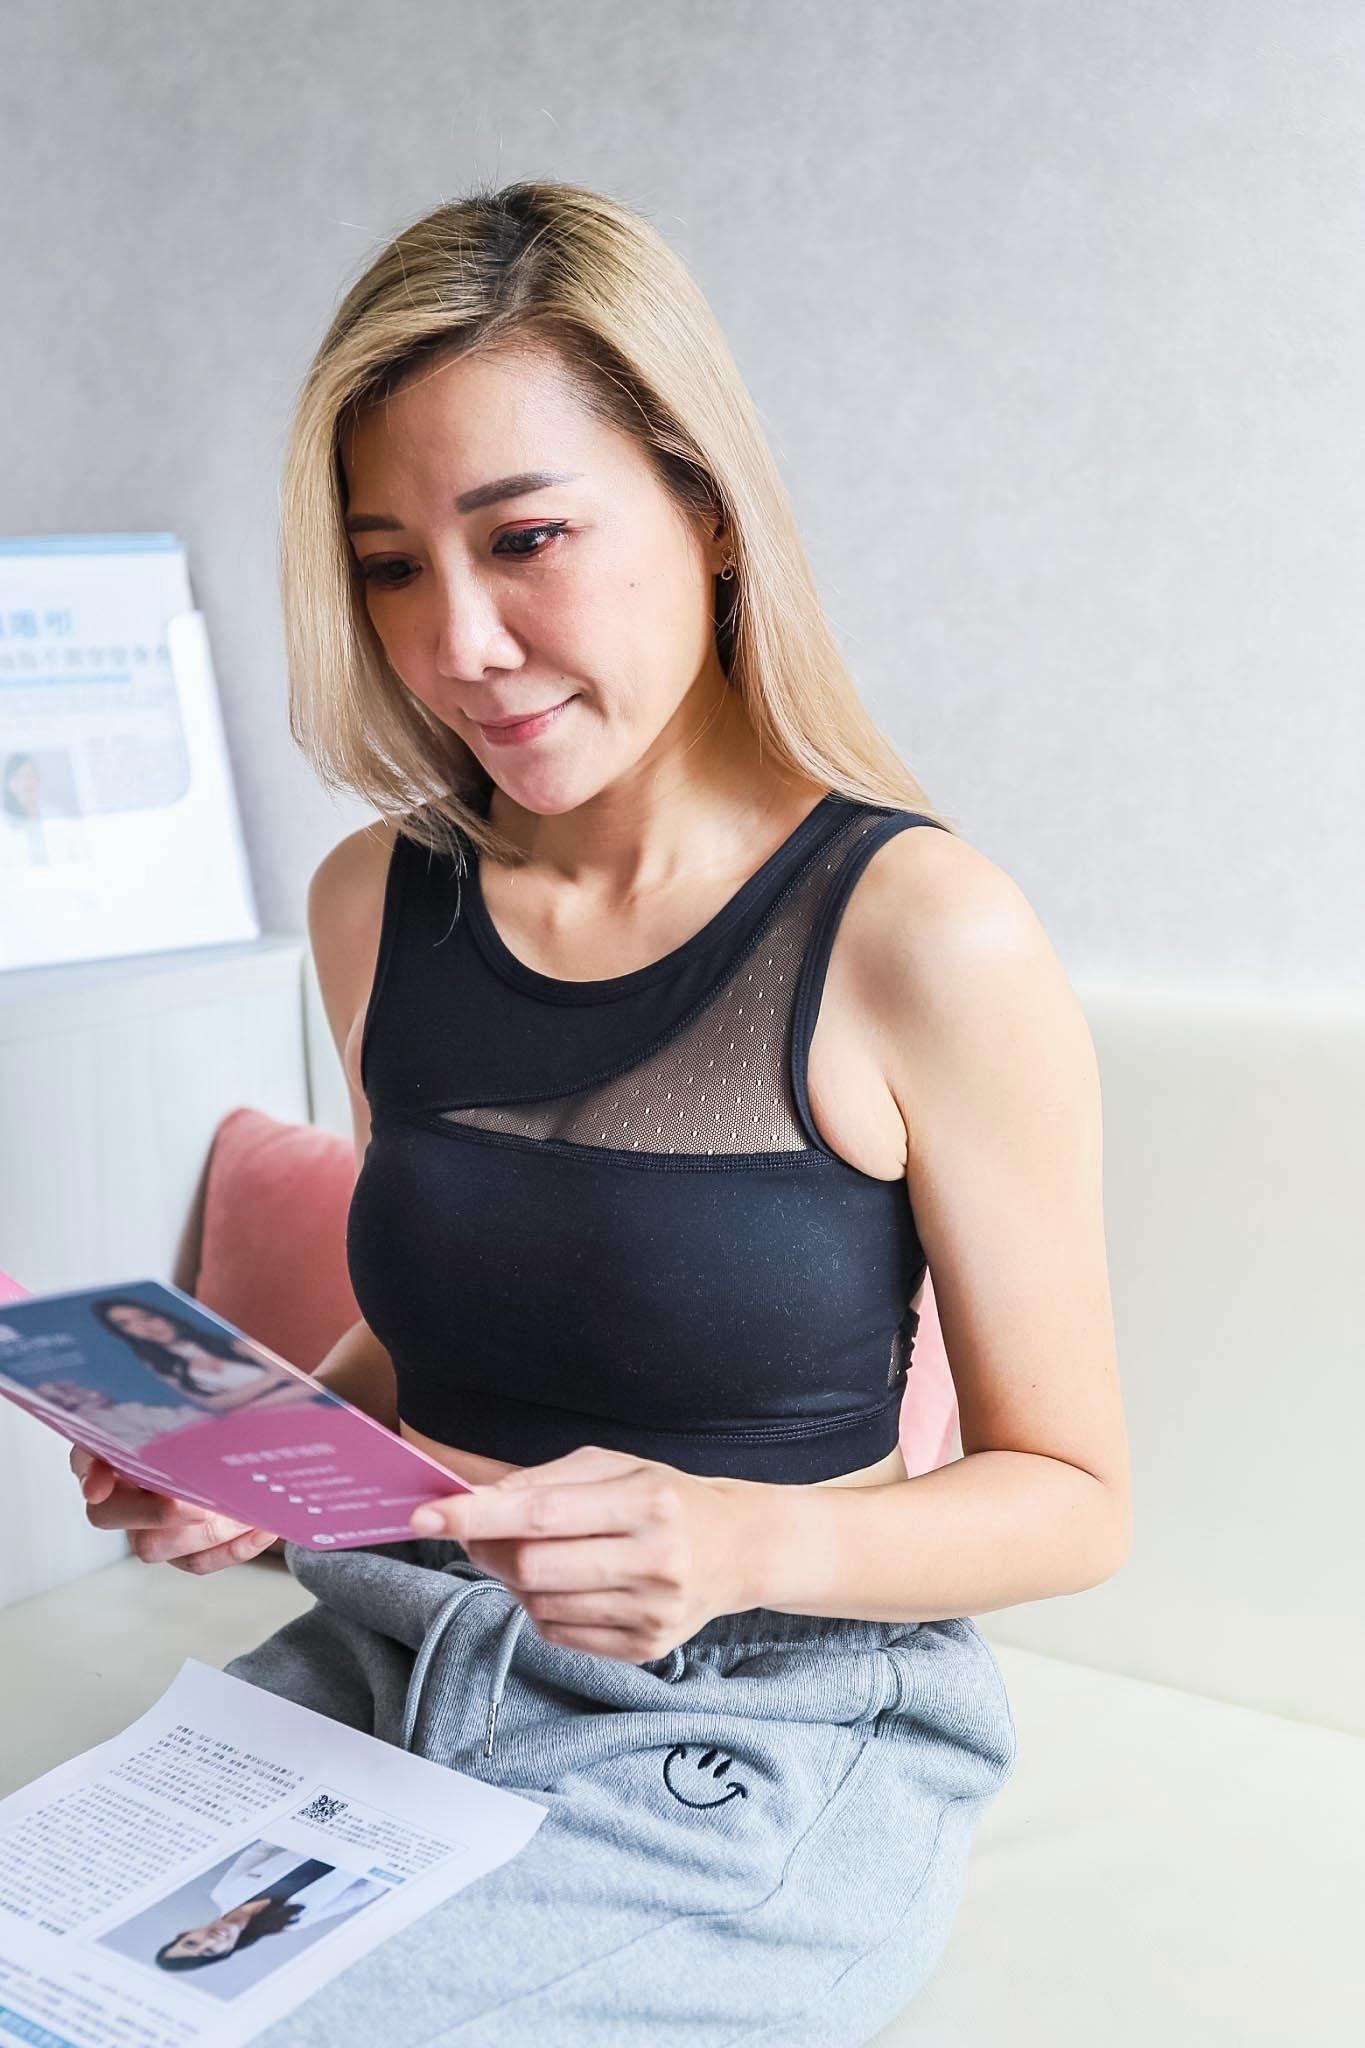 [醫美]C型副乳顯微套管抽脂成果/做過最舒適也最不後悔的手術與決定/麗波永康國際診所